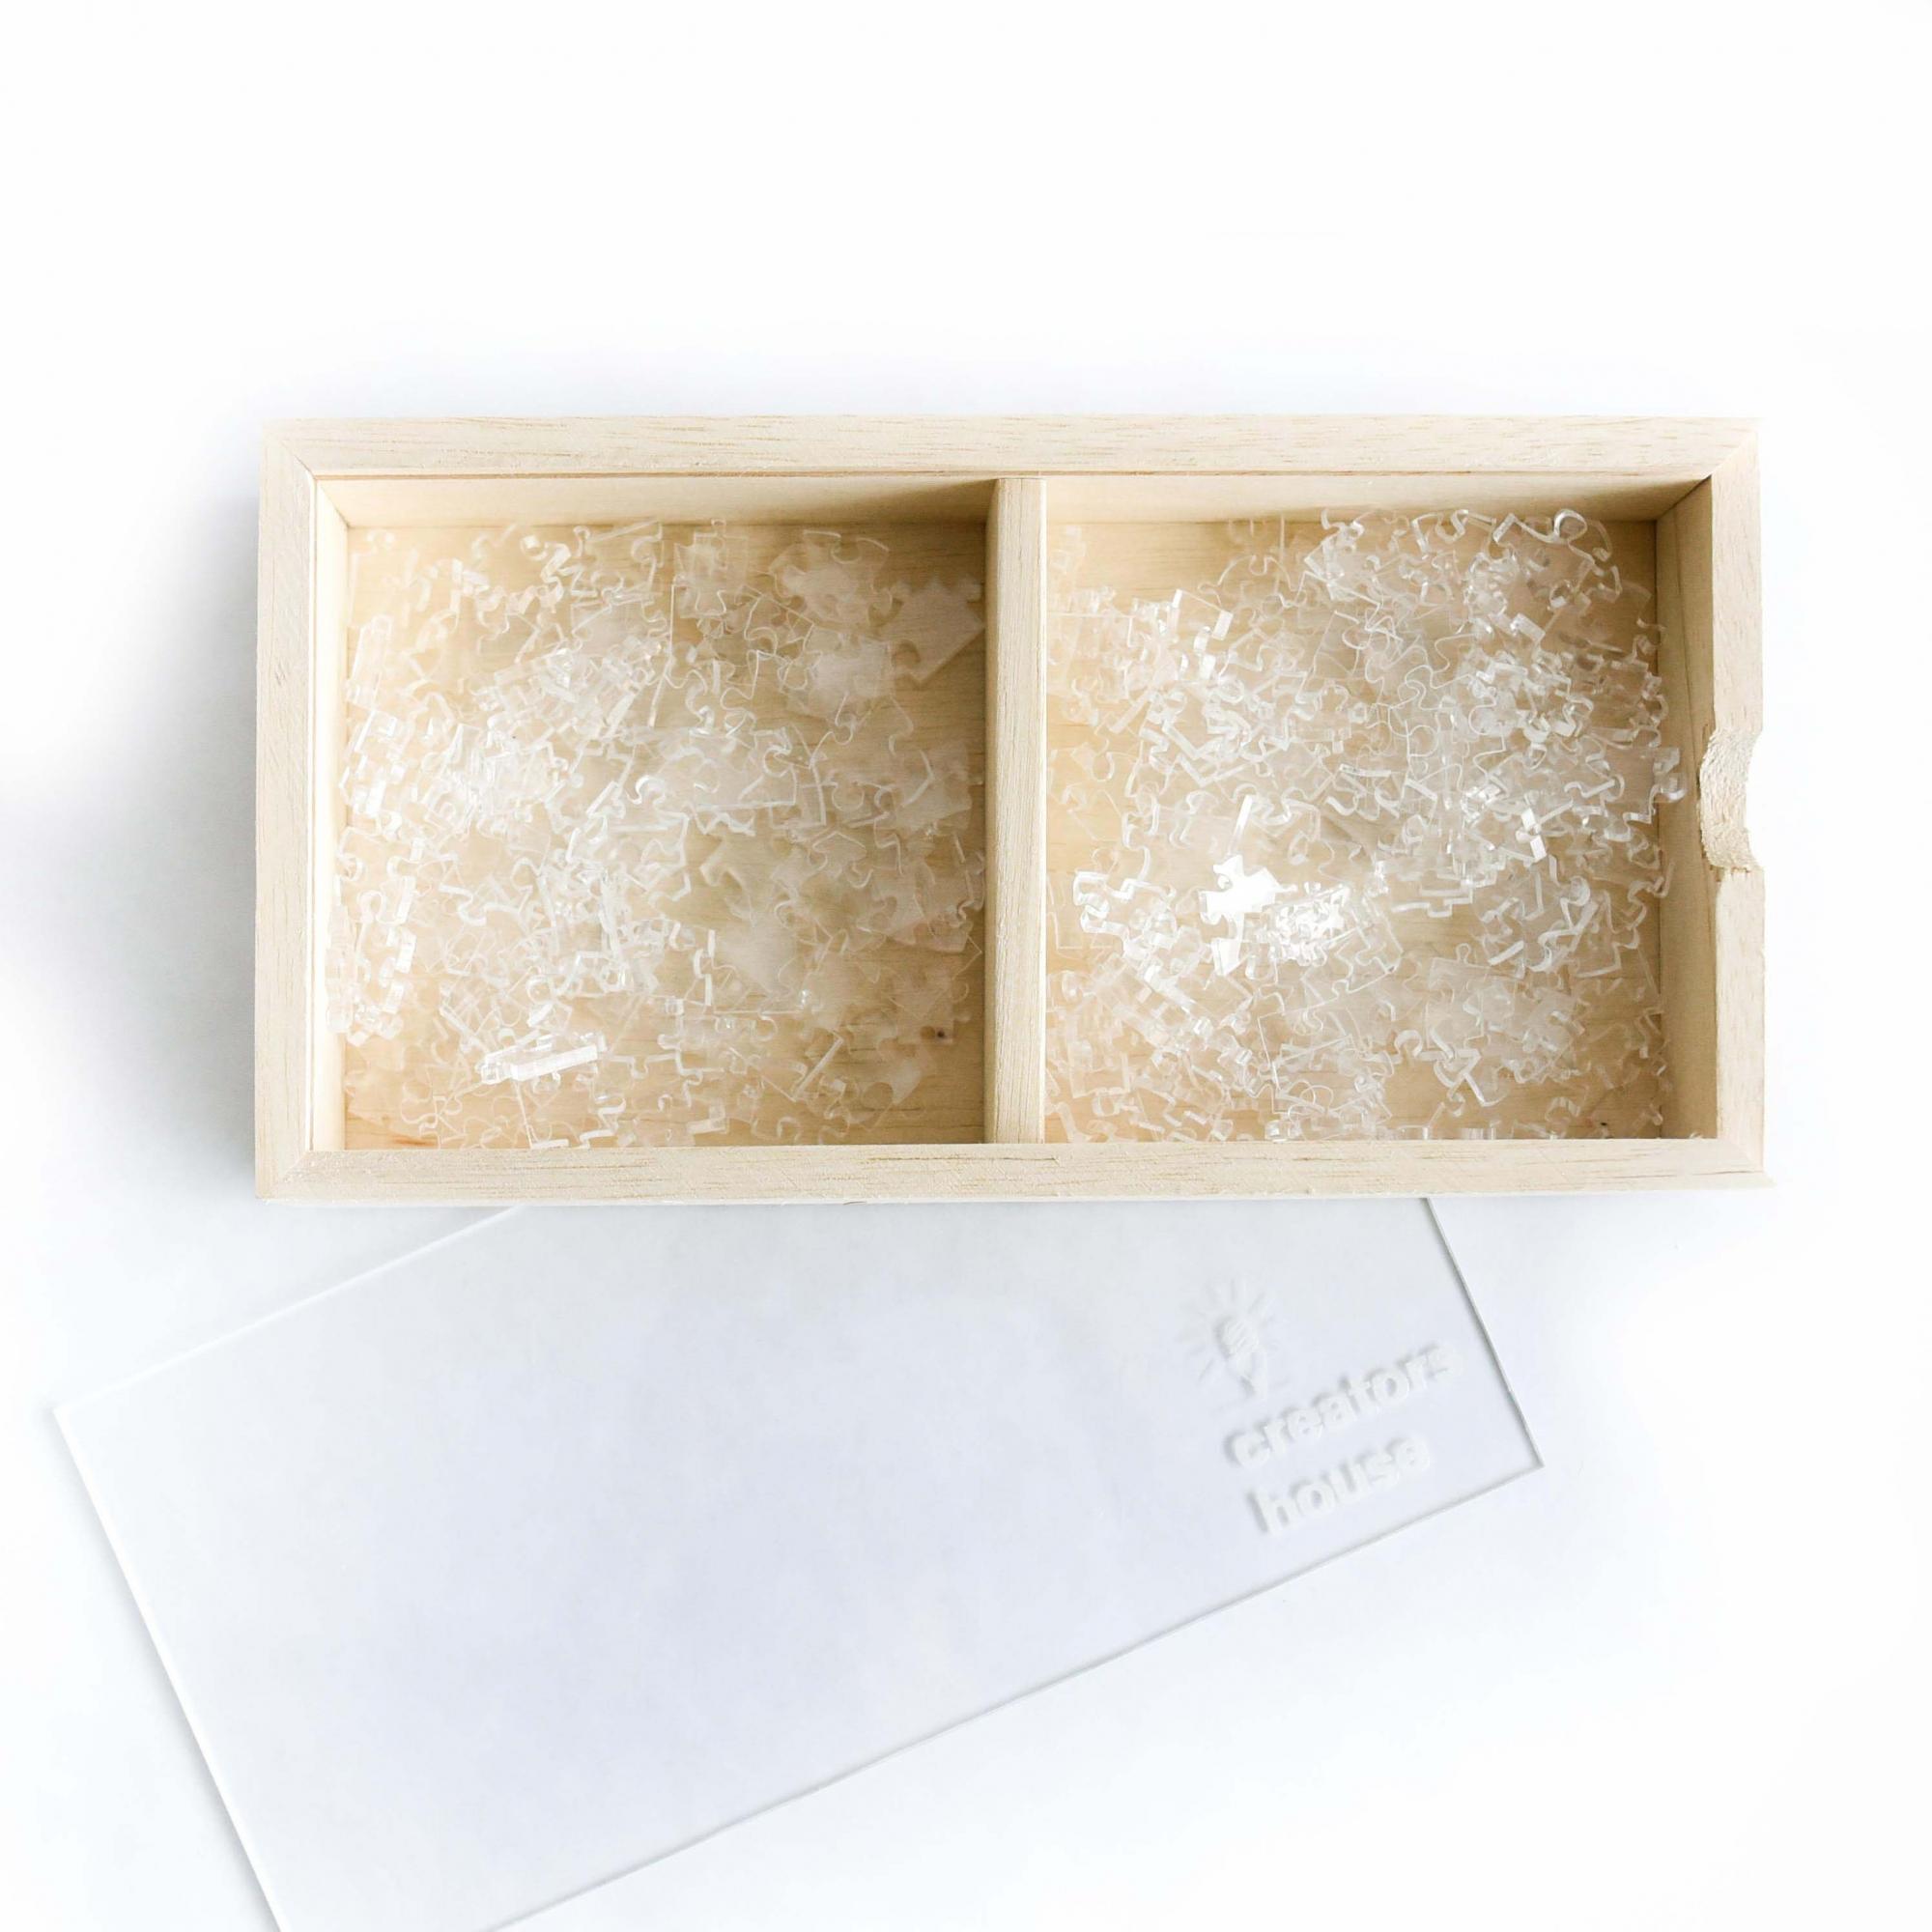 Quebra Cabeça Transparente Expert (525 peças) + Caixa